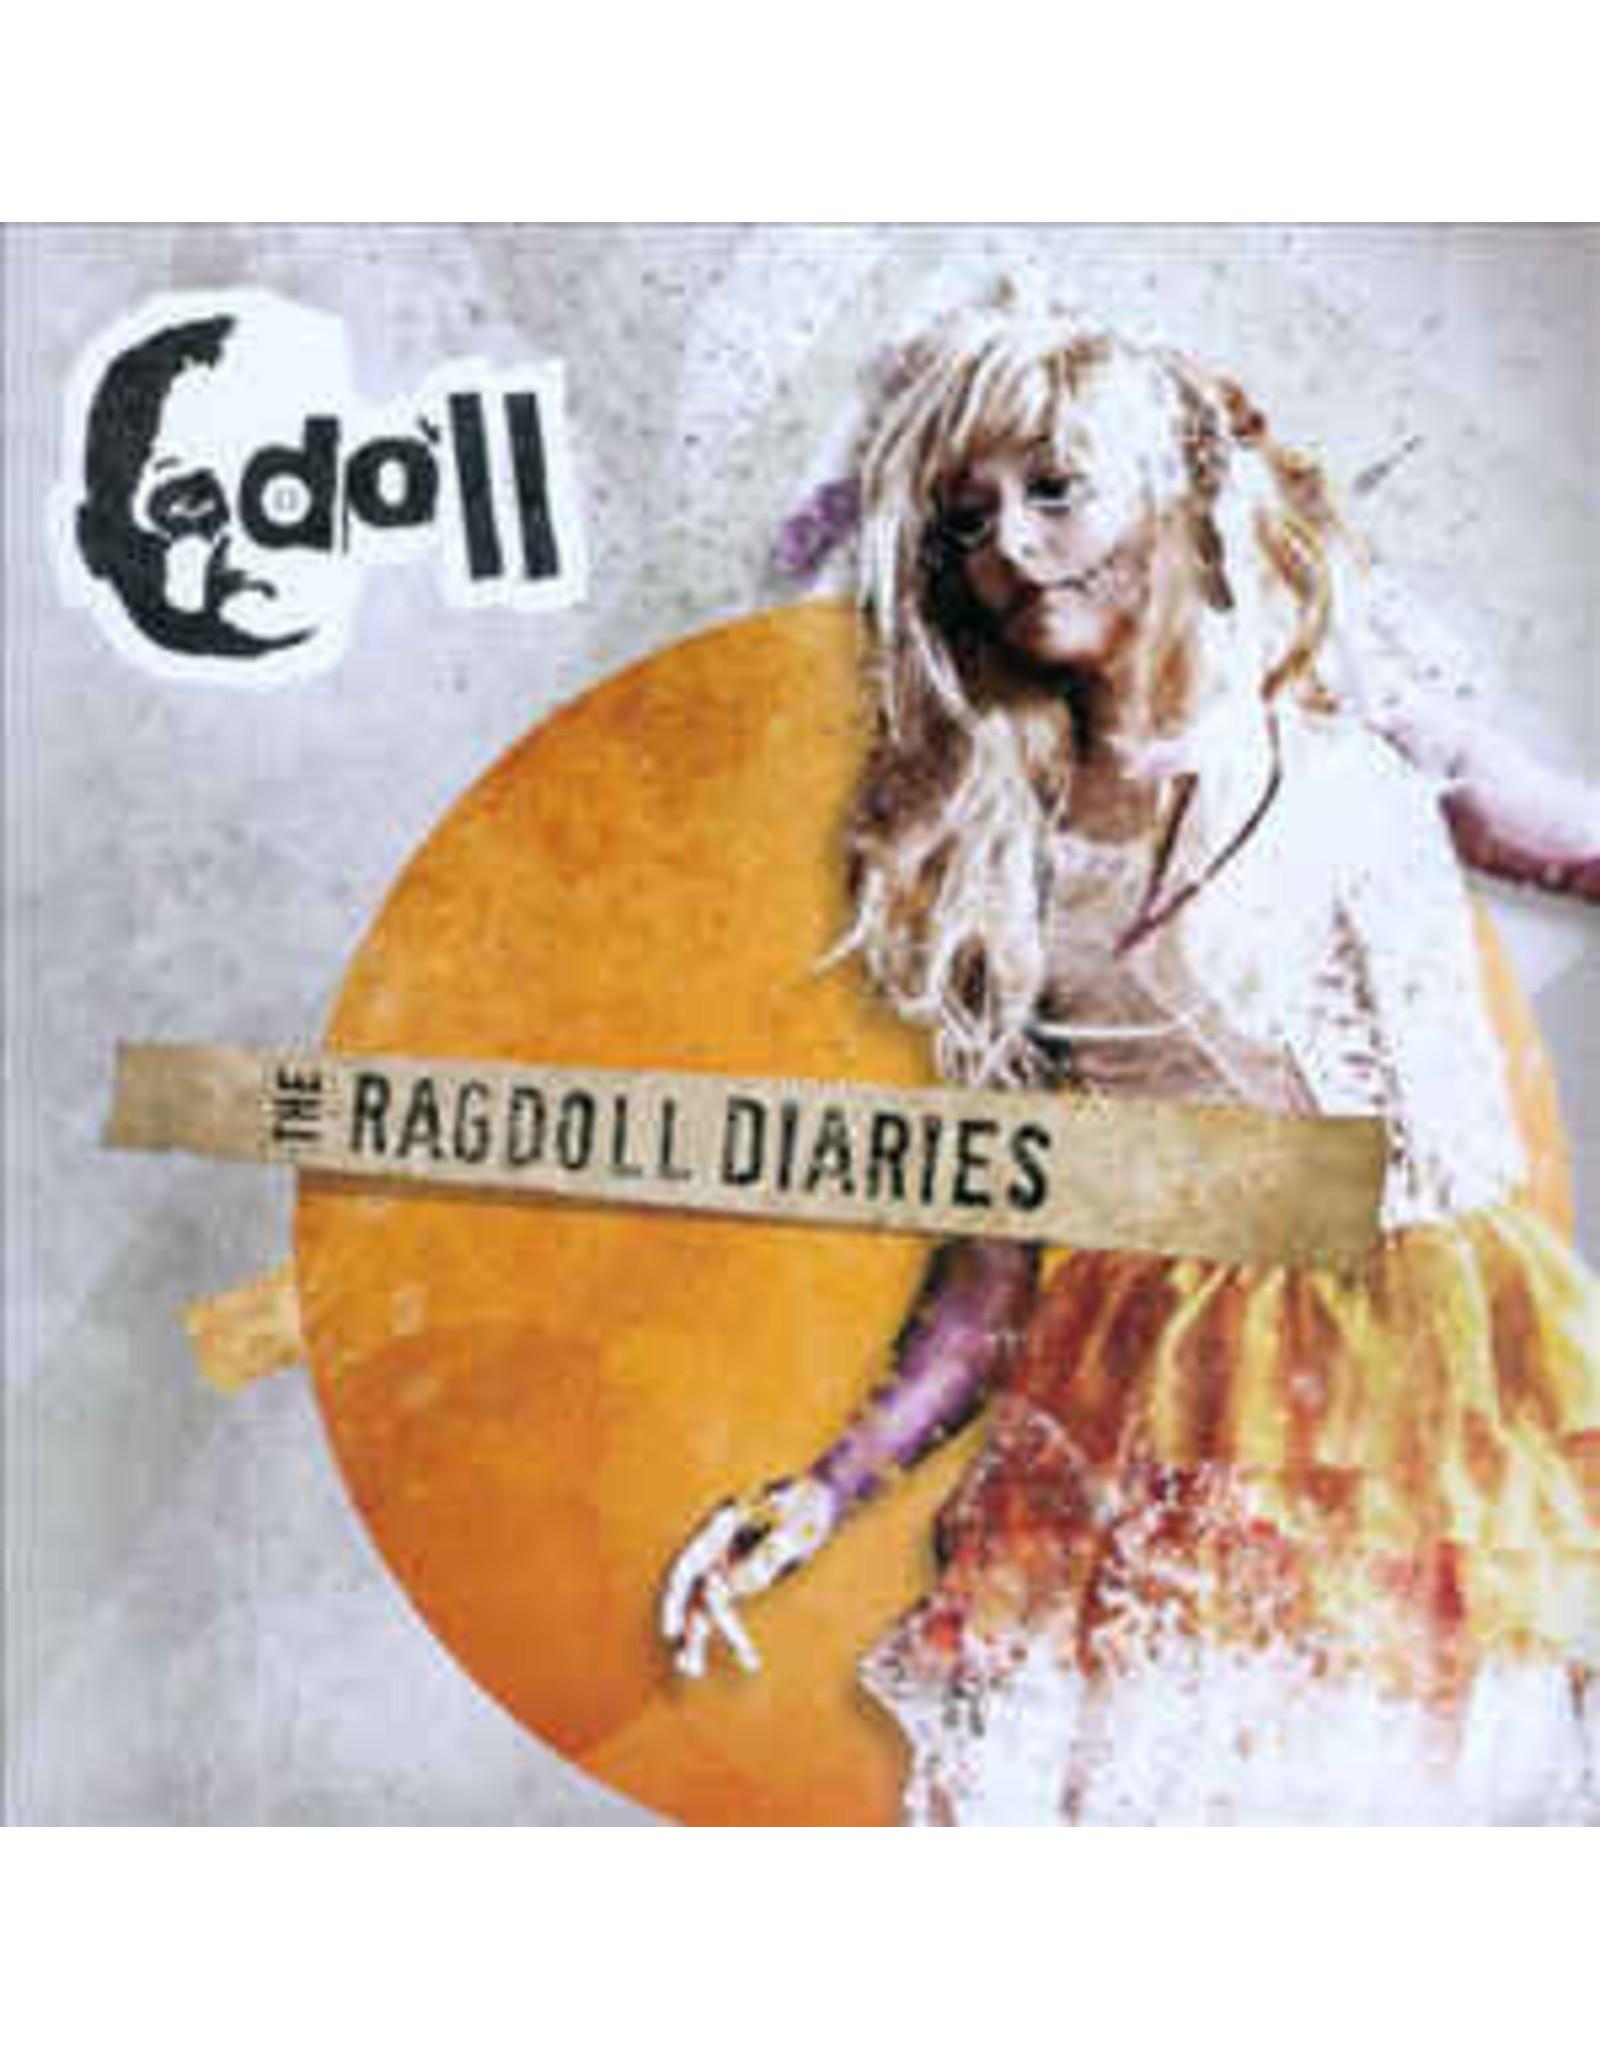 Doll - The Ragdoll Diaries LP